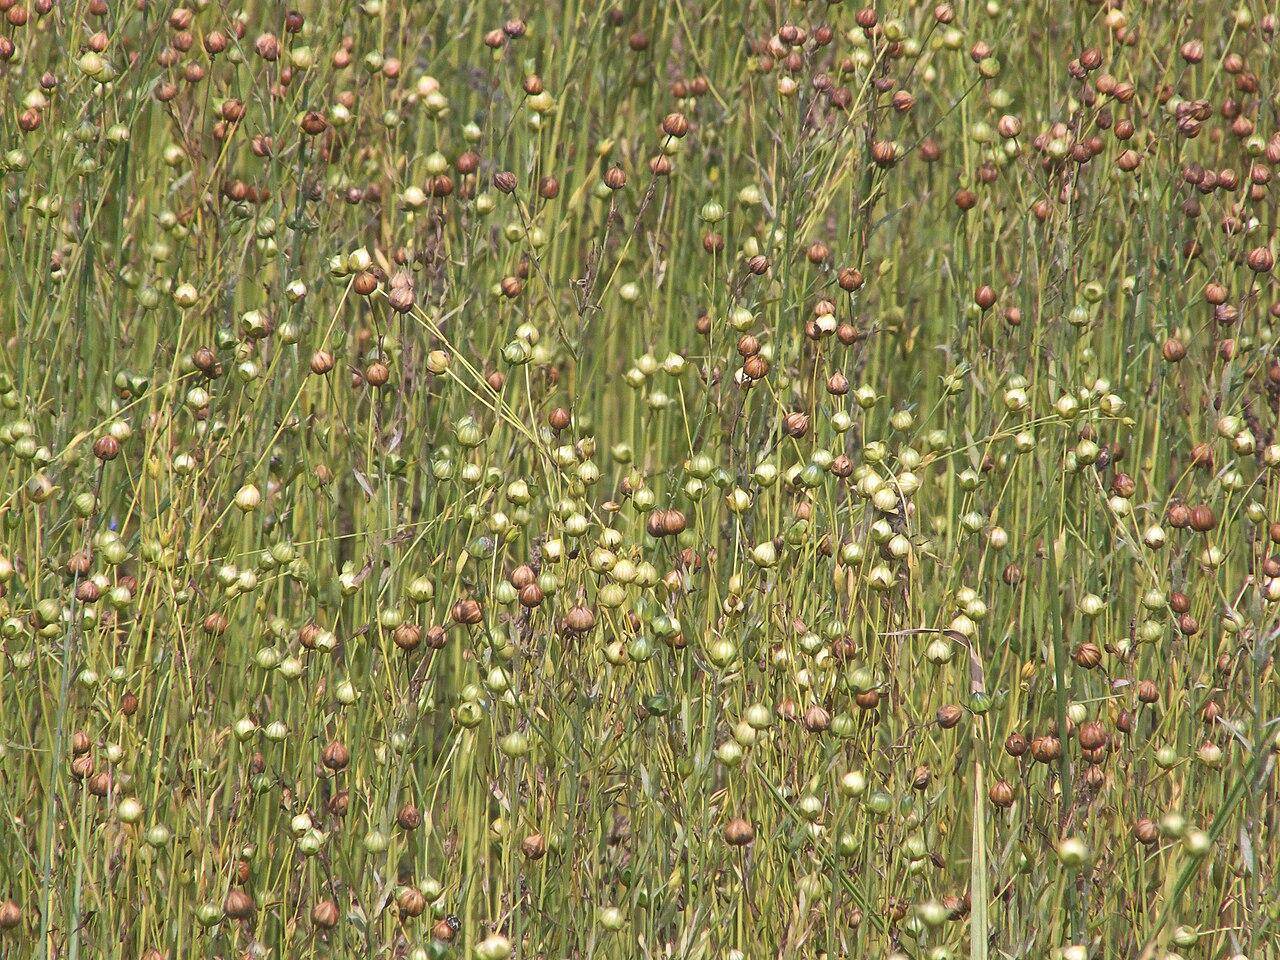 Ľan siaty (Linum usitatissimum) s plodmi